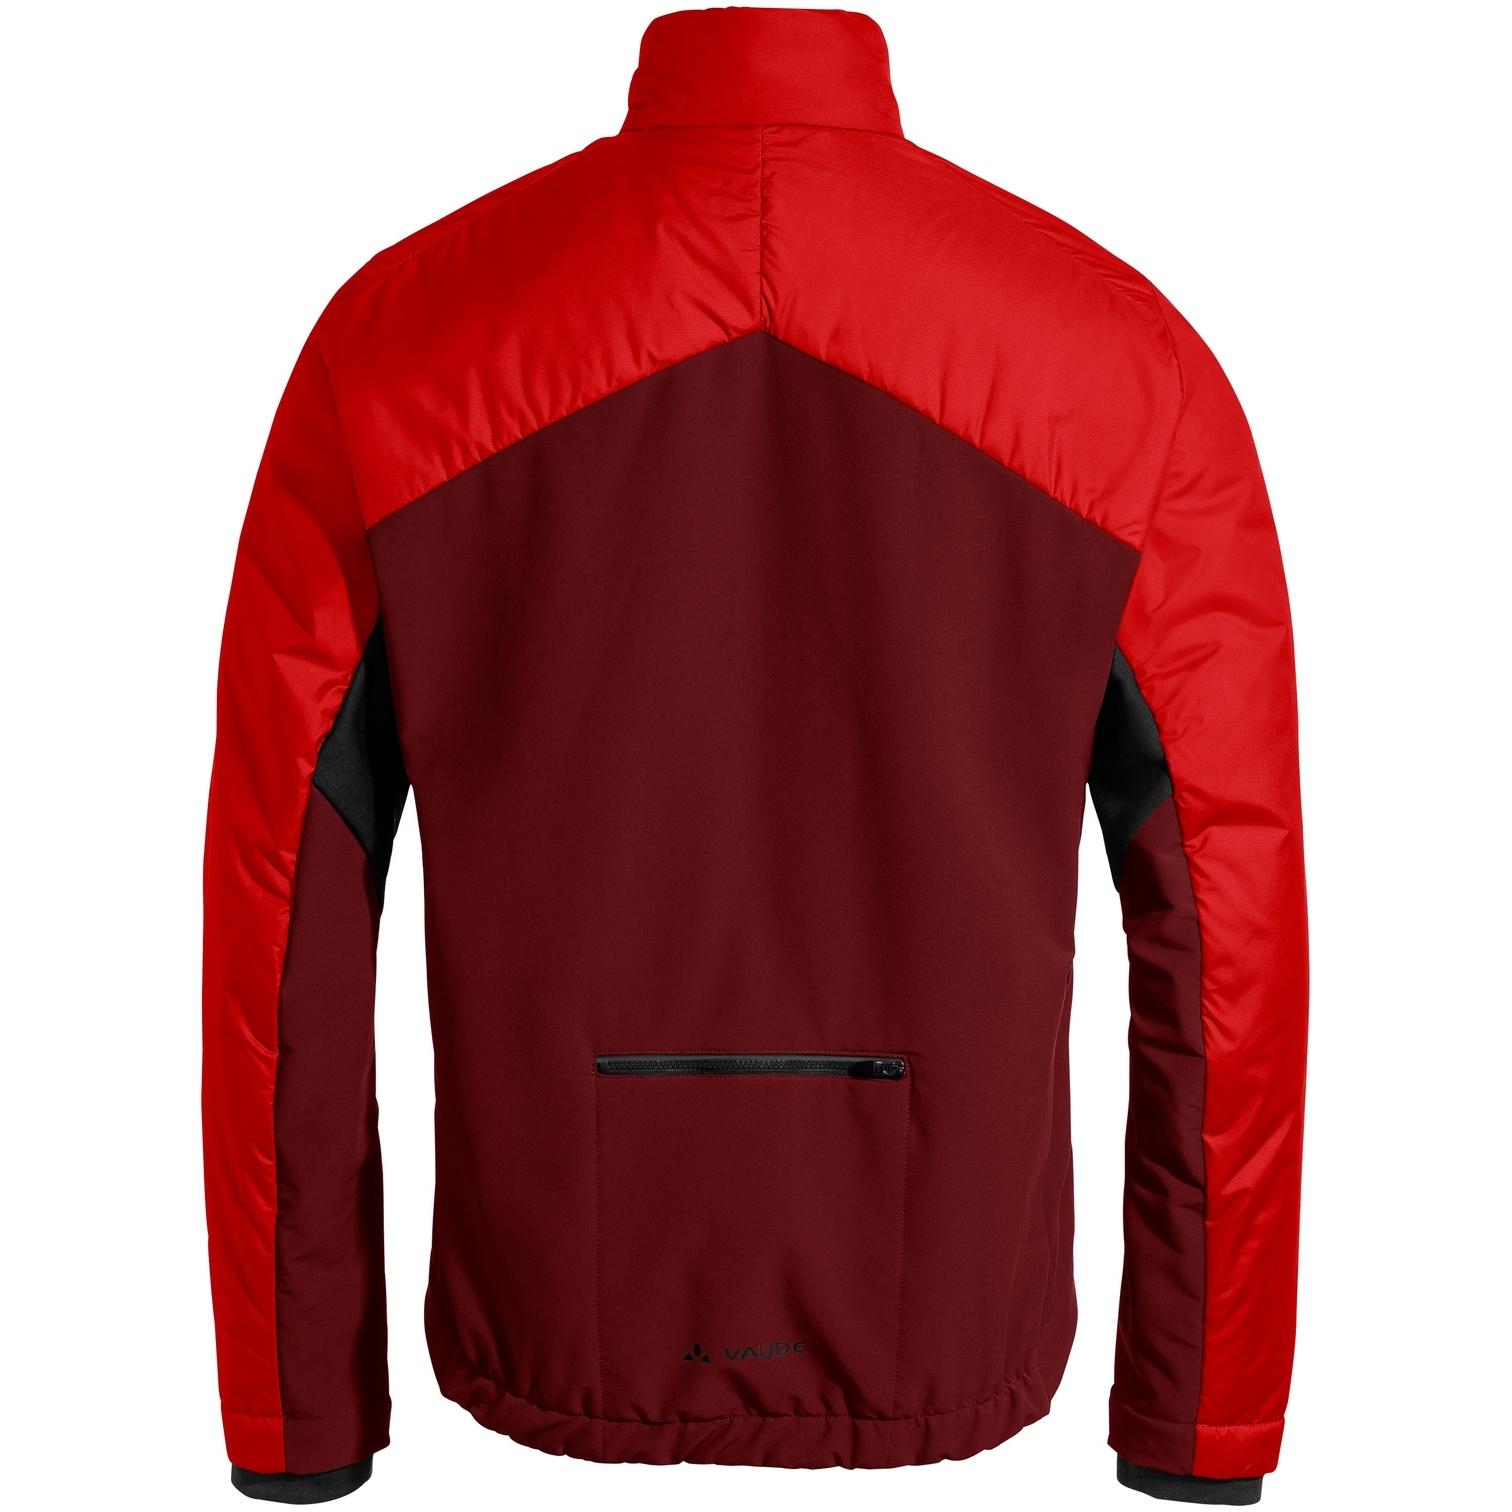 Image of Vaude Men's Posta Insulation Jacket - mars red